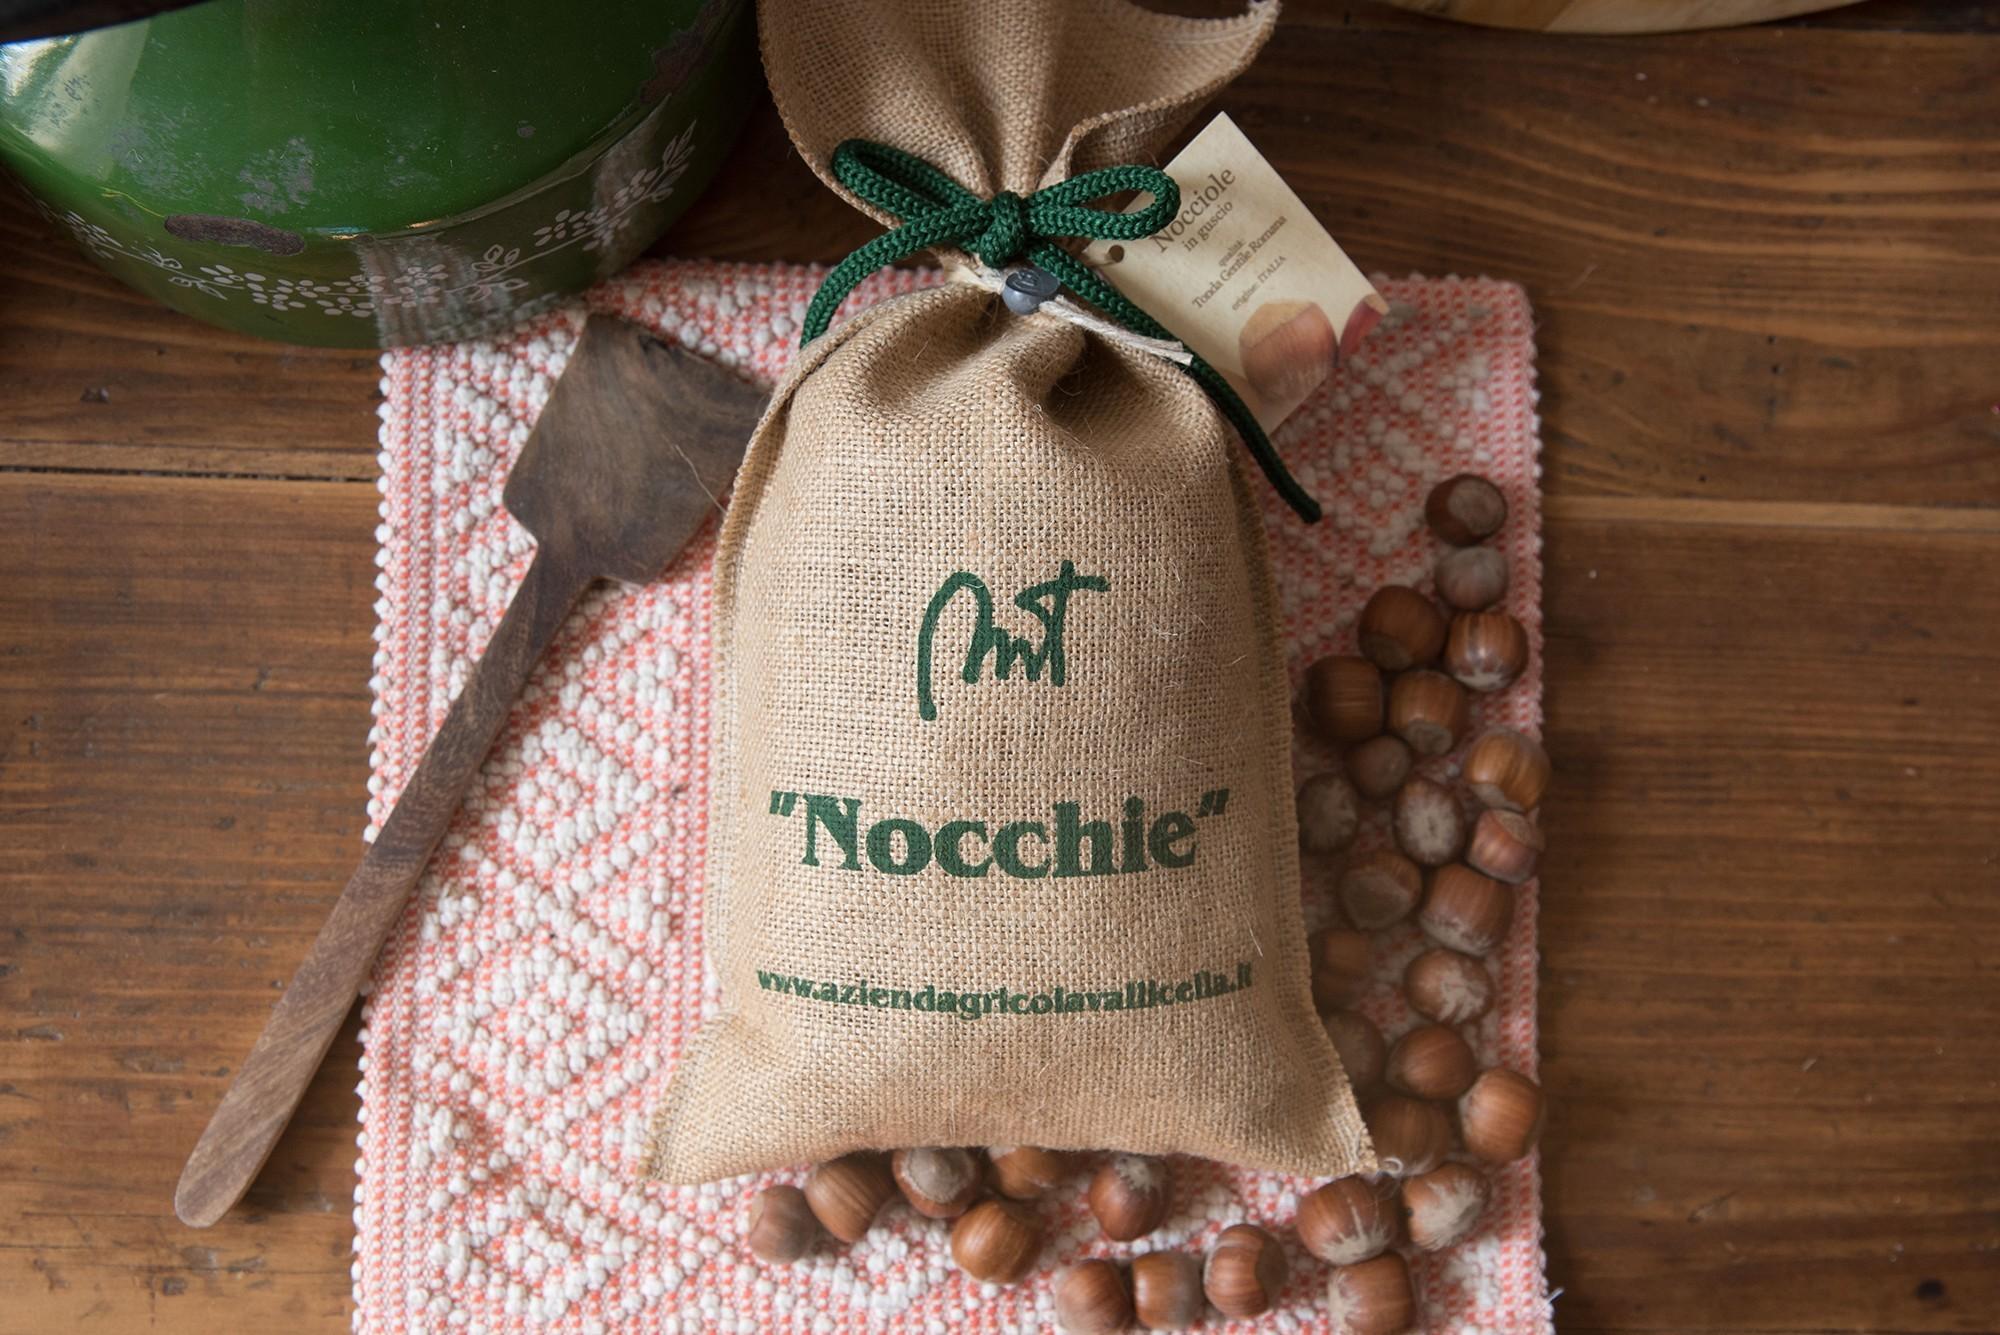 Nocciole con guscio - Azienda Agricola Vallicella